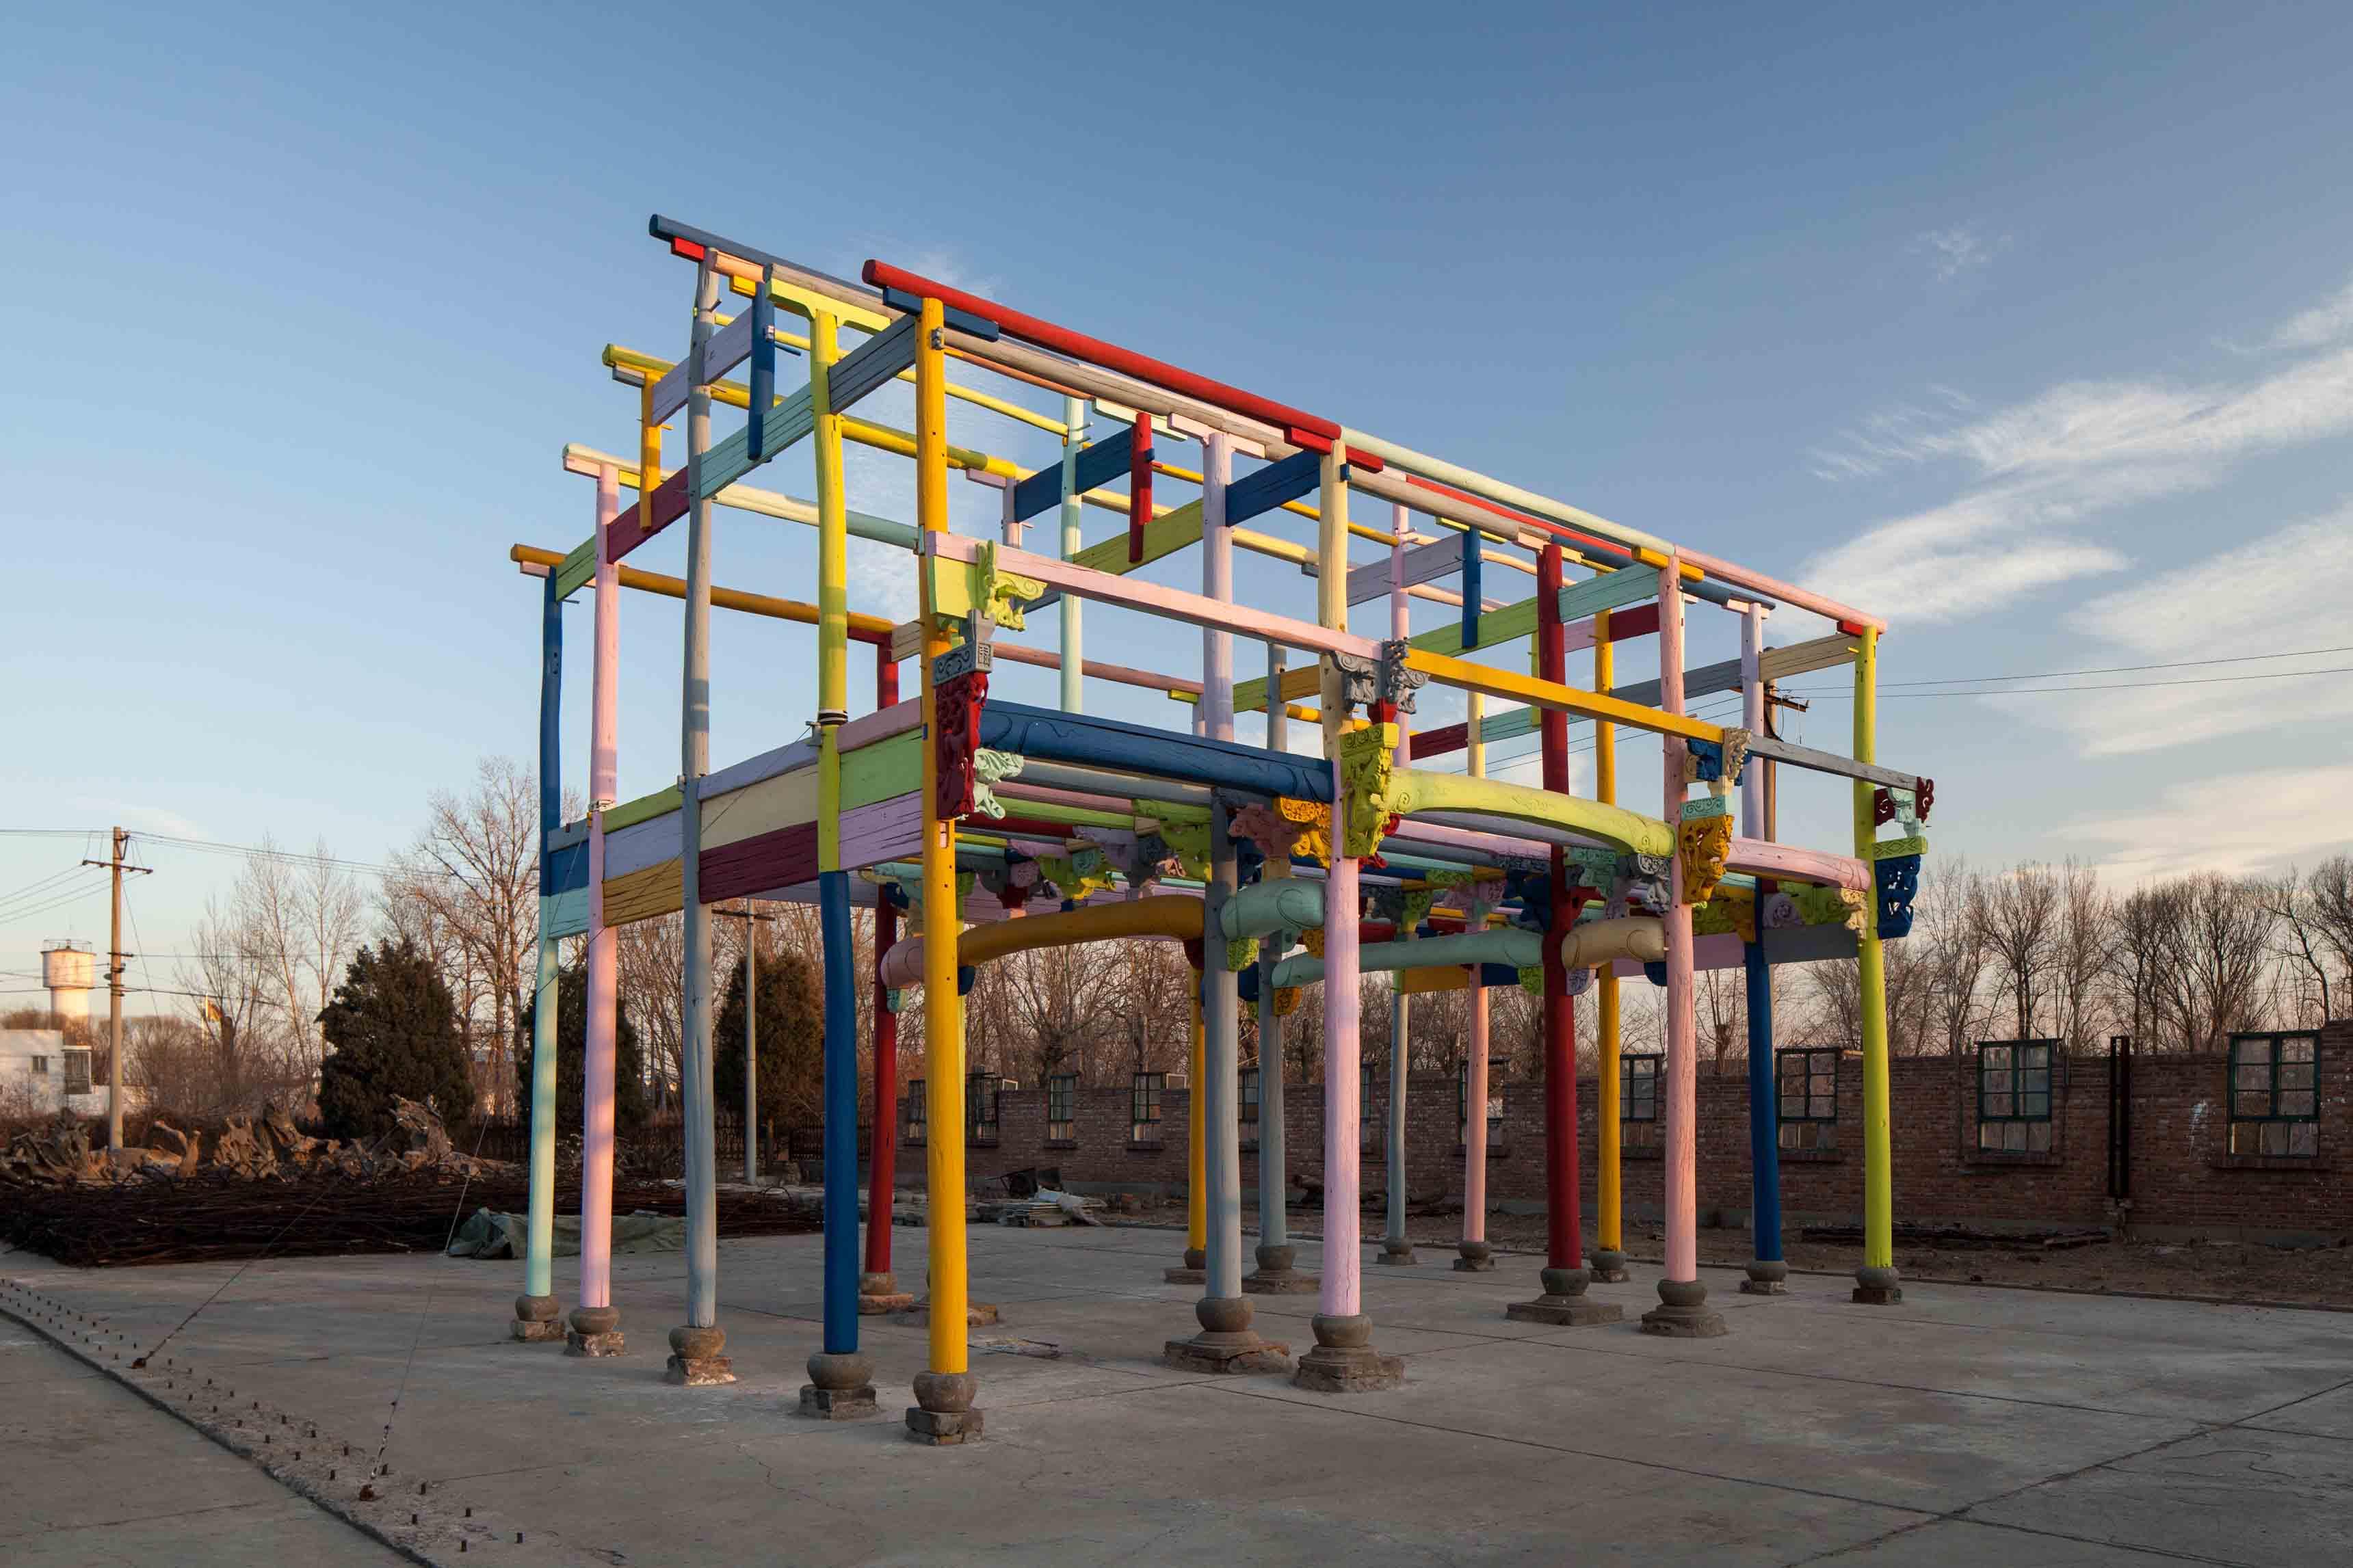 """Ai Weiwei, """"Colored House"""" [Maison colorée] (2015) . Bois, peinture industrielle, verre, 1025 x 620 x 765 cm. © Image courtesy Ai Weiwei Studio"""